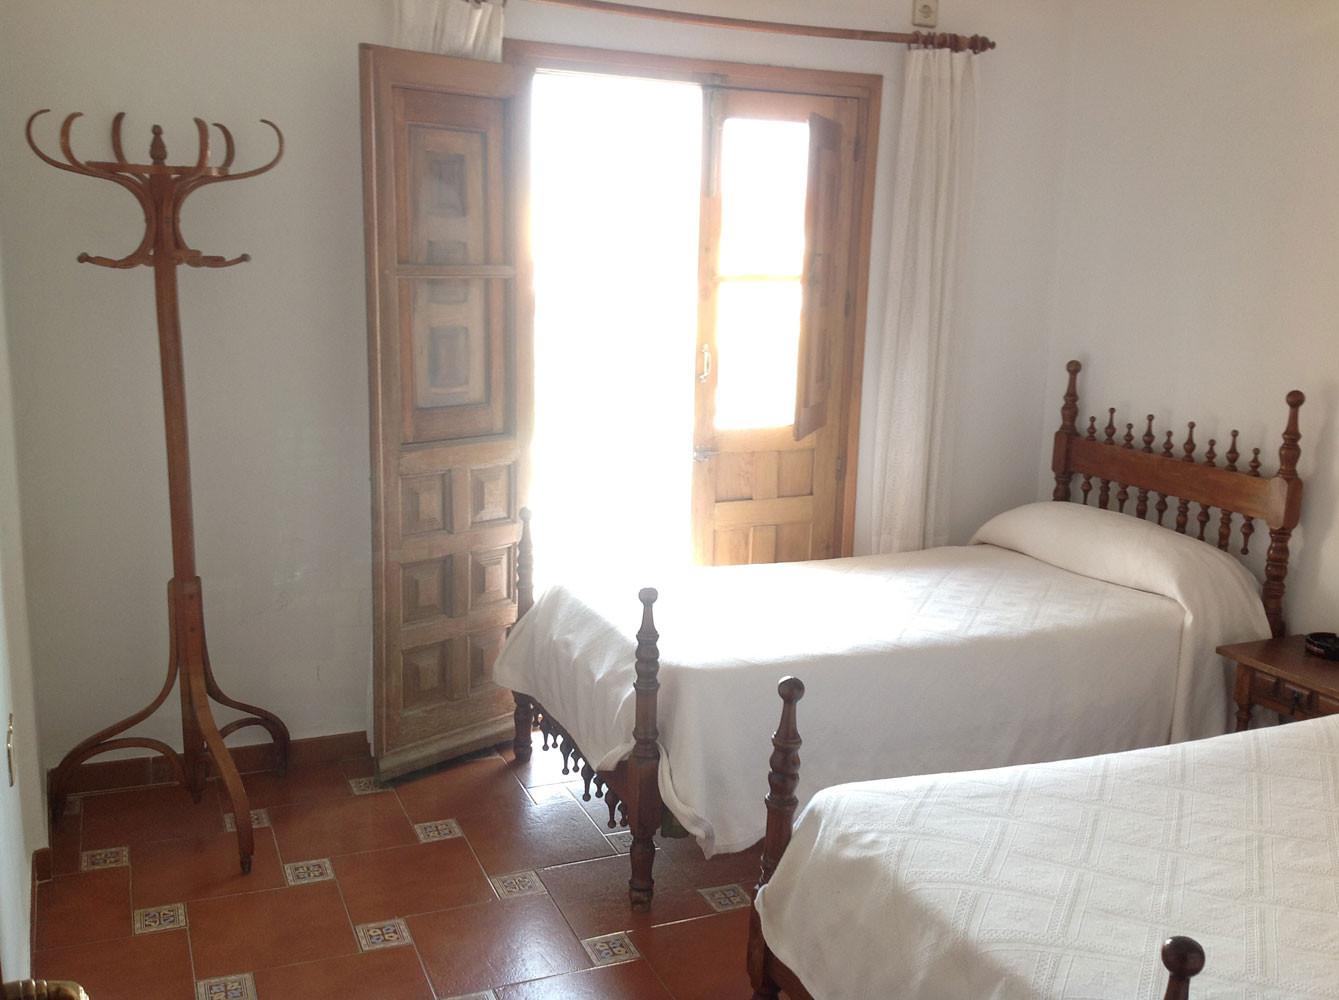 Camas de las habitaciones de nuestro restaurante mesón en Lagartera, Toledo.